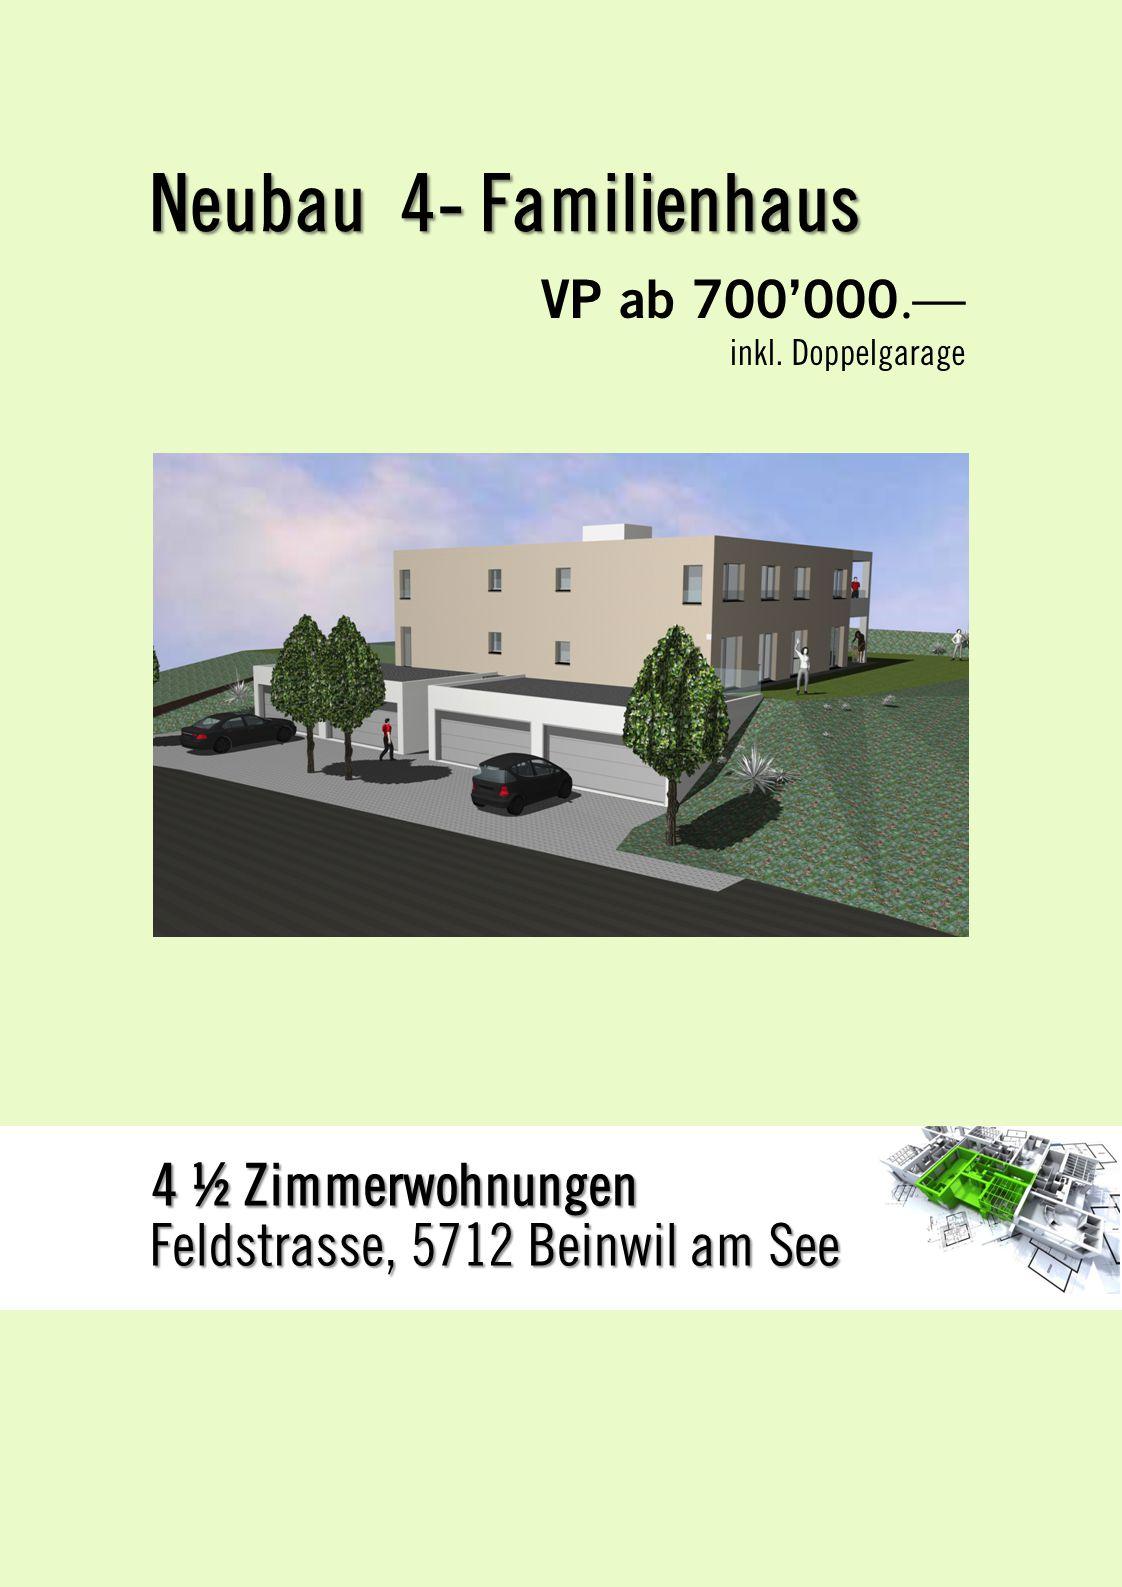 VP ab 700'000.— inkl. Doppelgarage Neubau 4- Familienhaus Feldstrasse, 5712 Beinwil am See 4 ½ Zimmerwohnungen